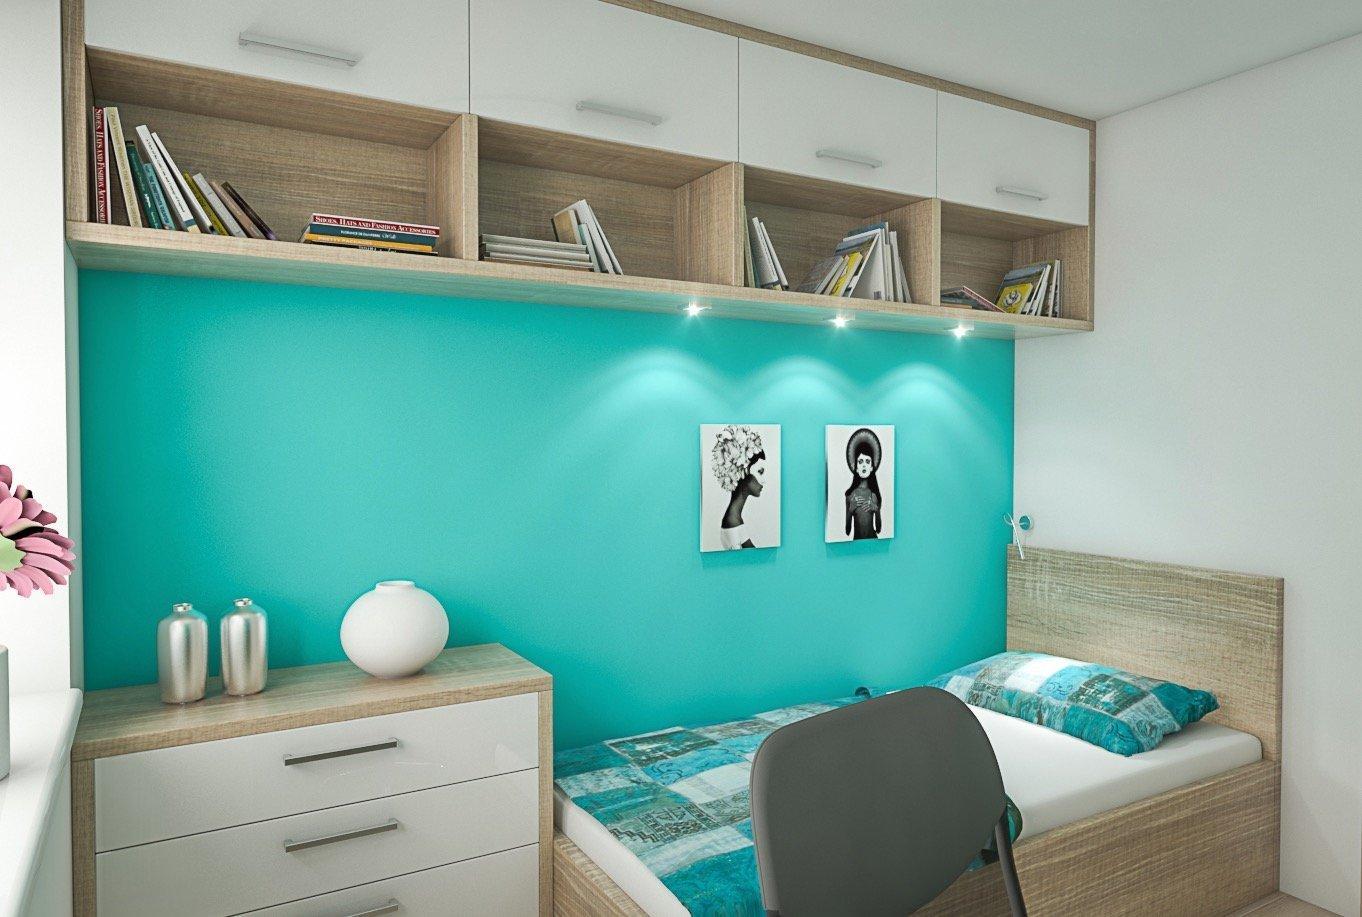 Studentský pokoj v tyrkysové barvě. Vnepříliš velkého prostoru jsme umístili postel s úložným prostorem, vestavěnou skříň, pracovní kout a zavěšenou…